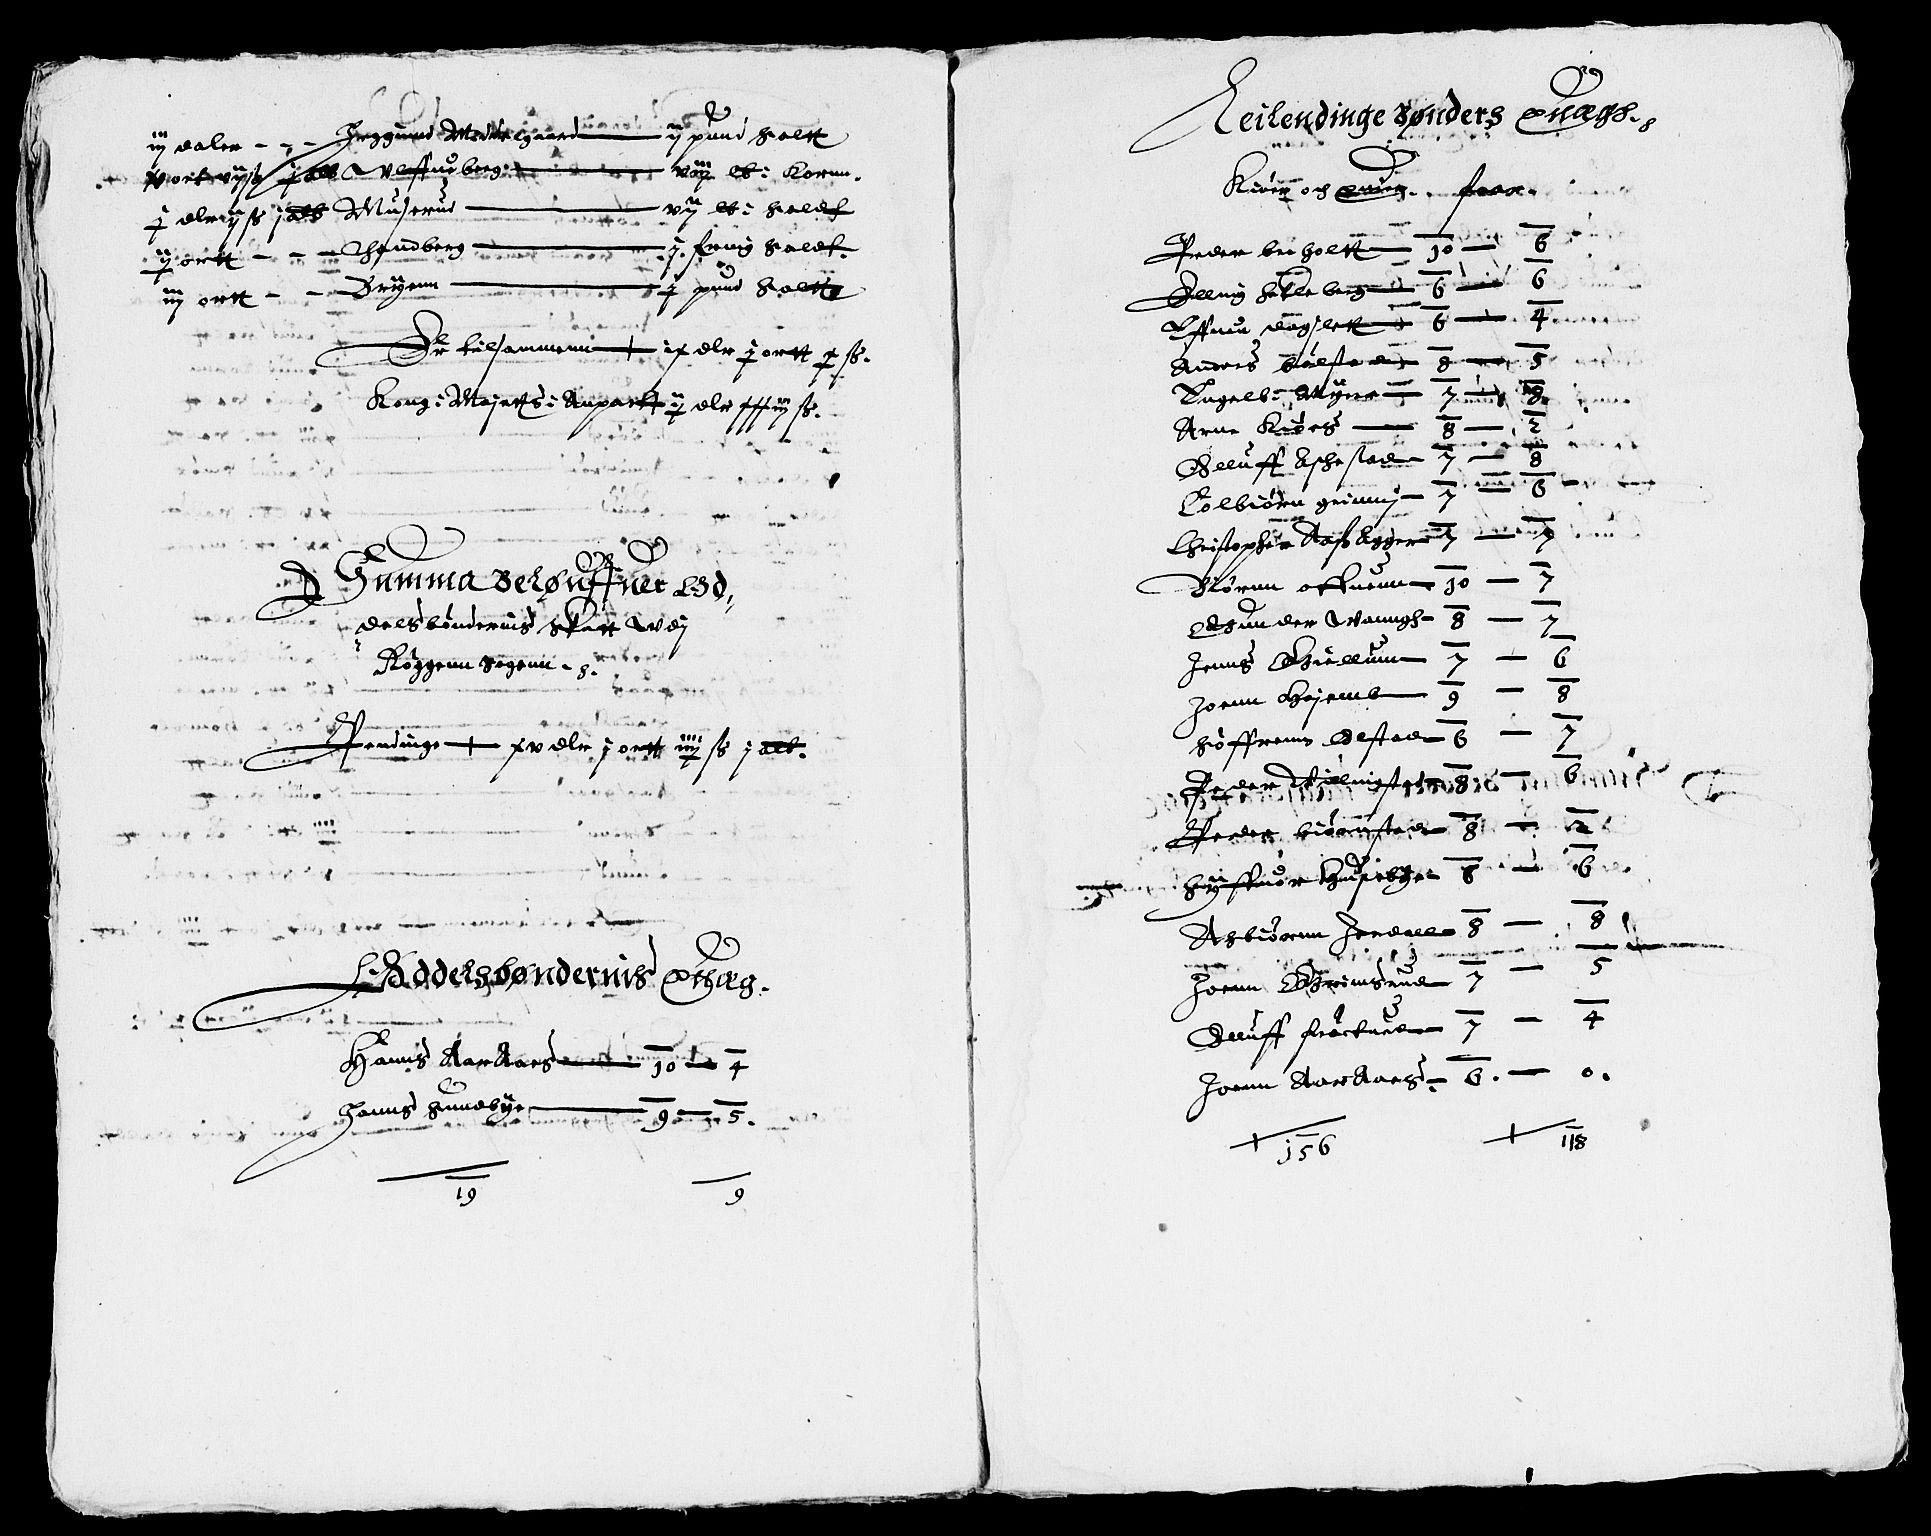 RA, Rentekammeret inntil 1814, Reviderte regnskaper, Lensregnskaper, R/Rb/Rba/L0093: Akershus len, 1627-1629, s. upaginert